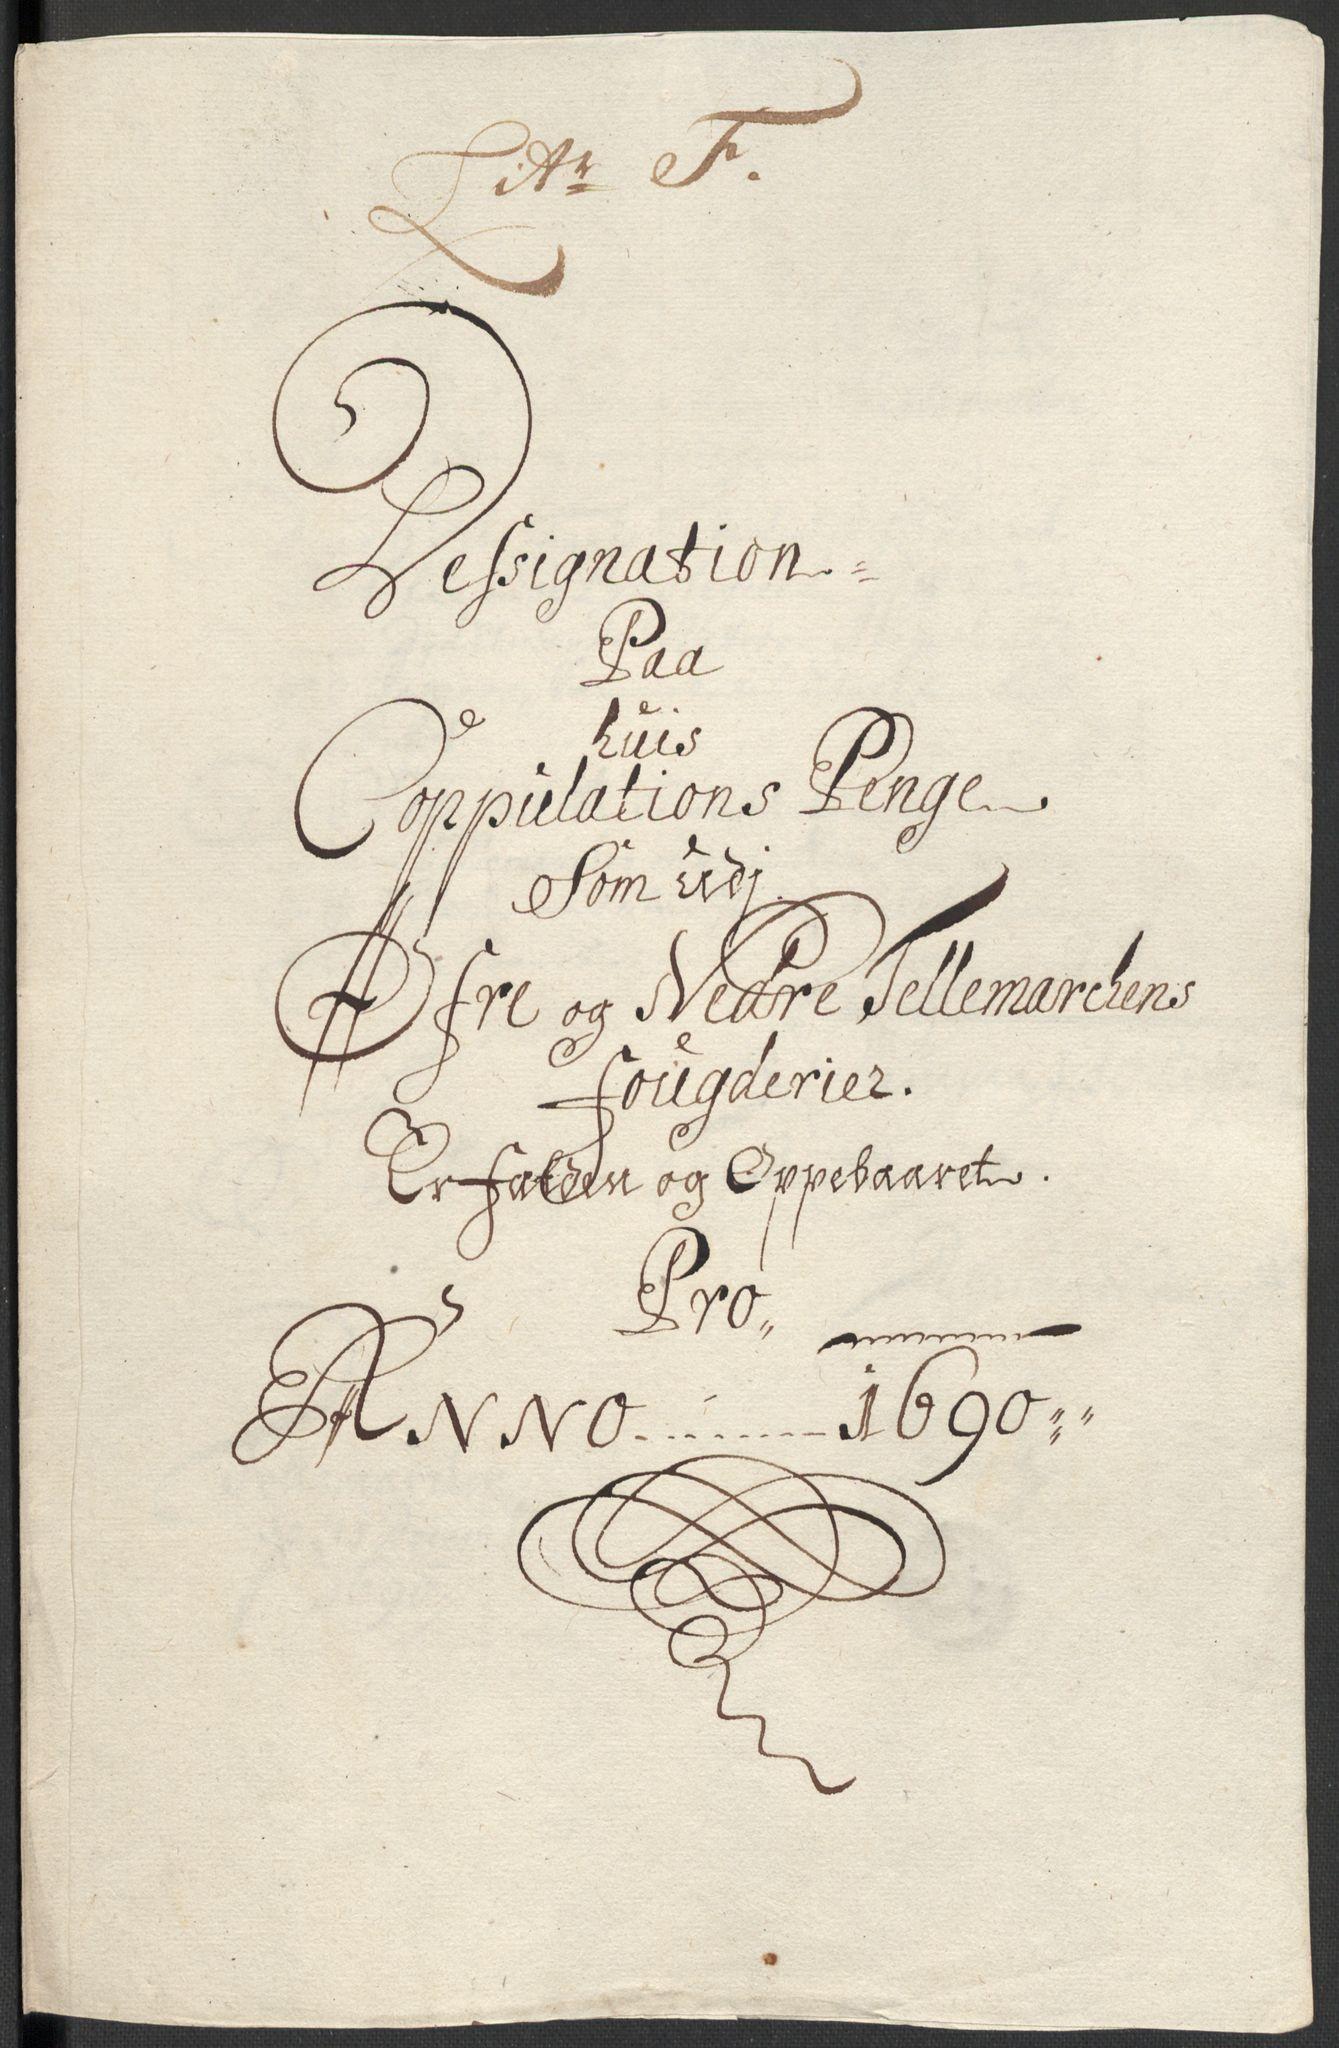 RA, Rentekammeret inntil 1814, Reviderte regnskaper, Fogderegnskap, R35/L2089: Fogderegnskap Øvre og Nedre Telemark, 1690-1692, s. 108